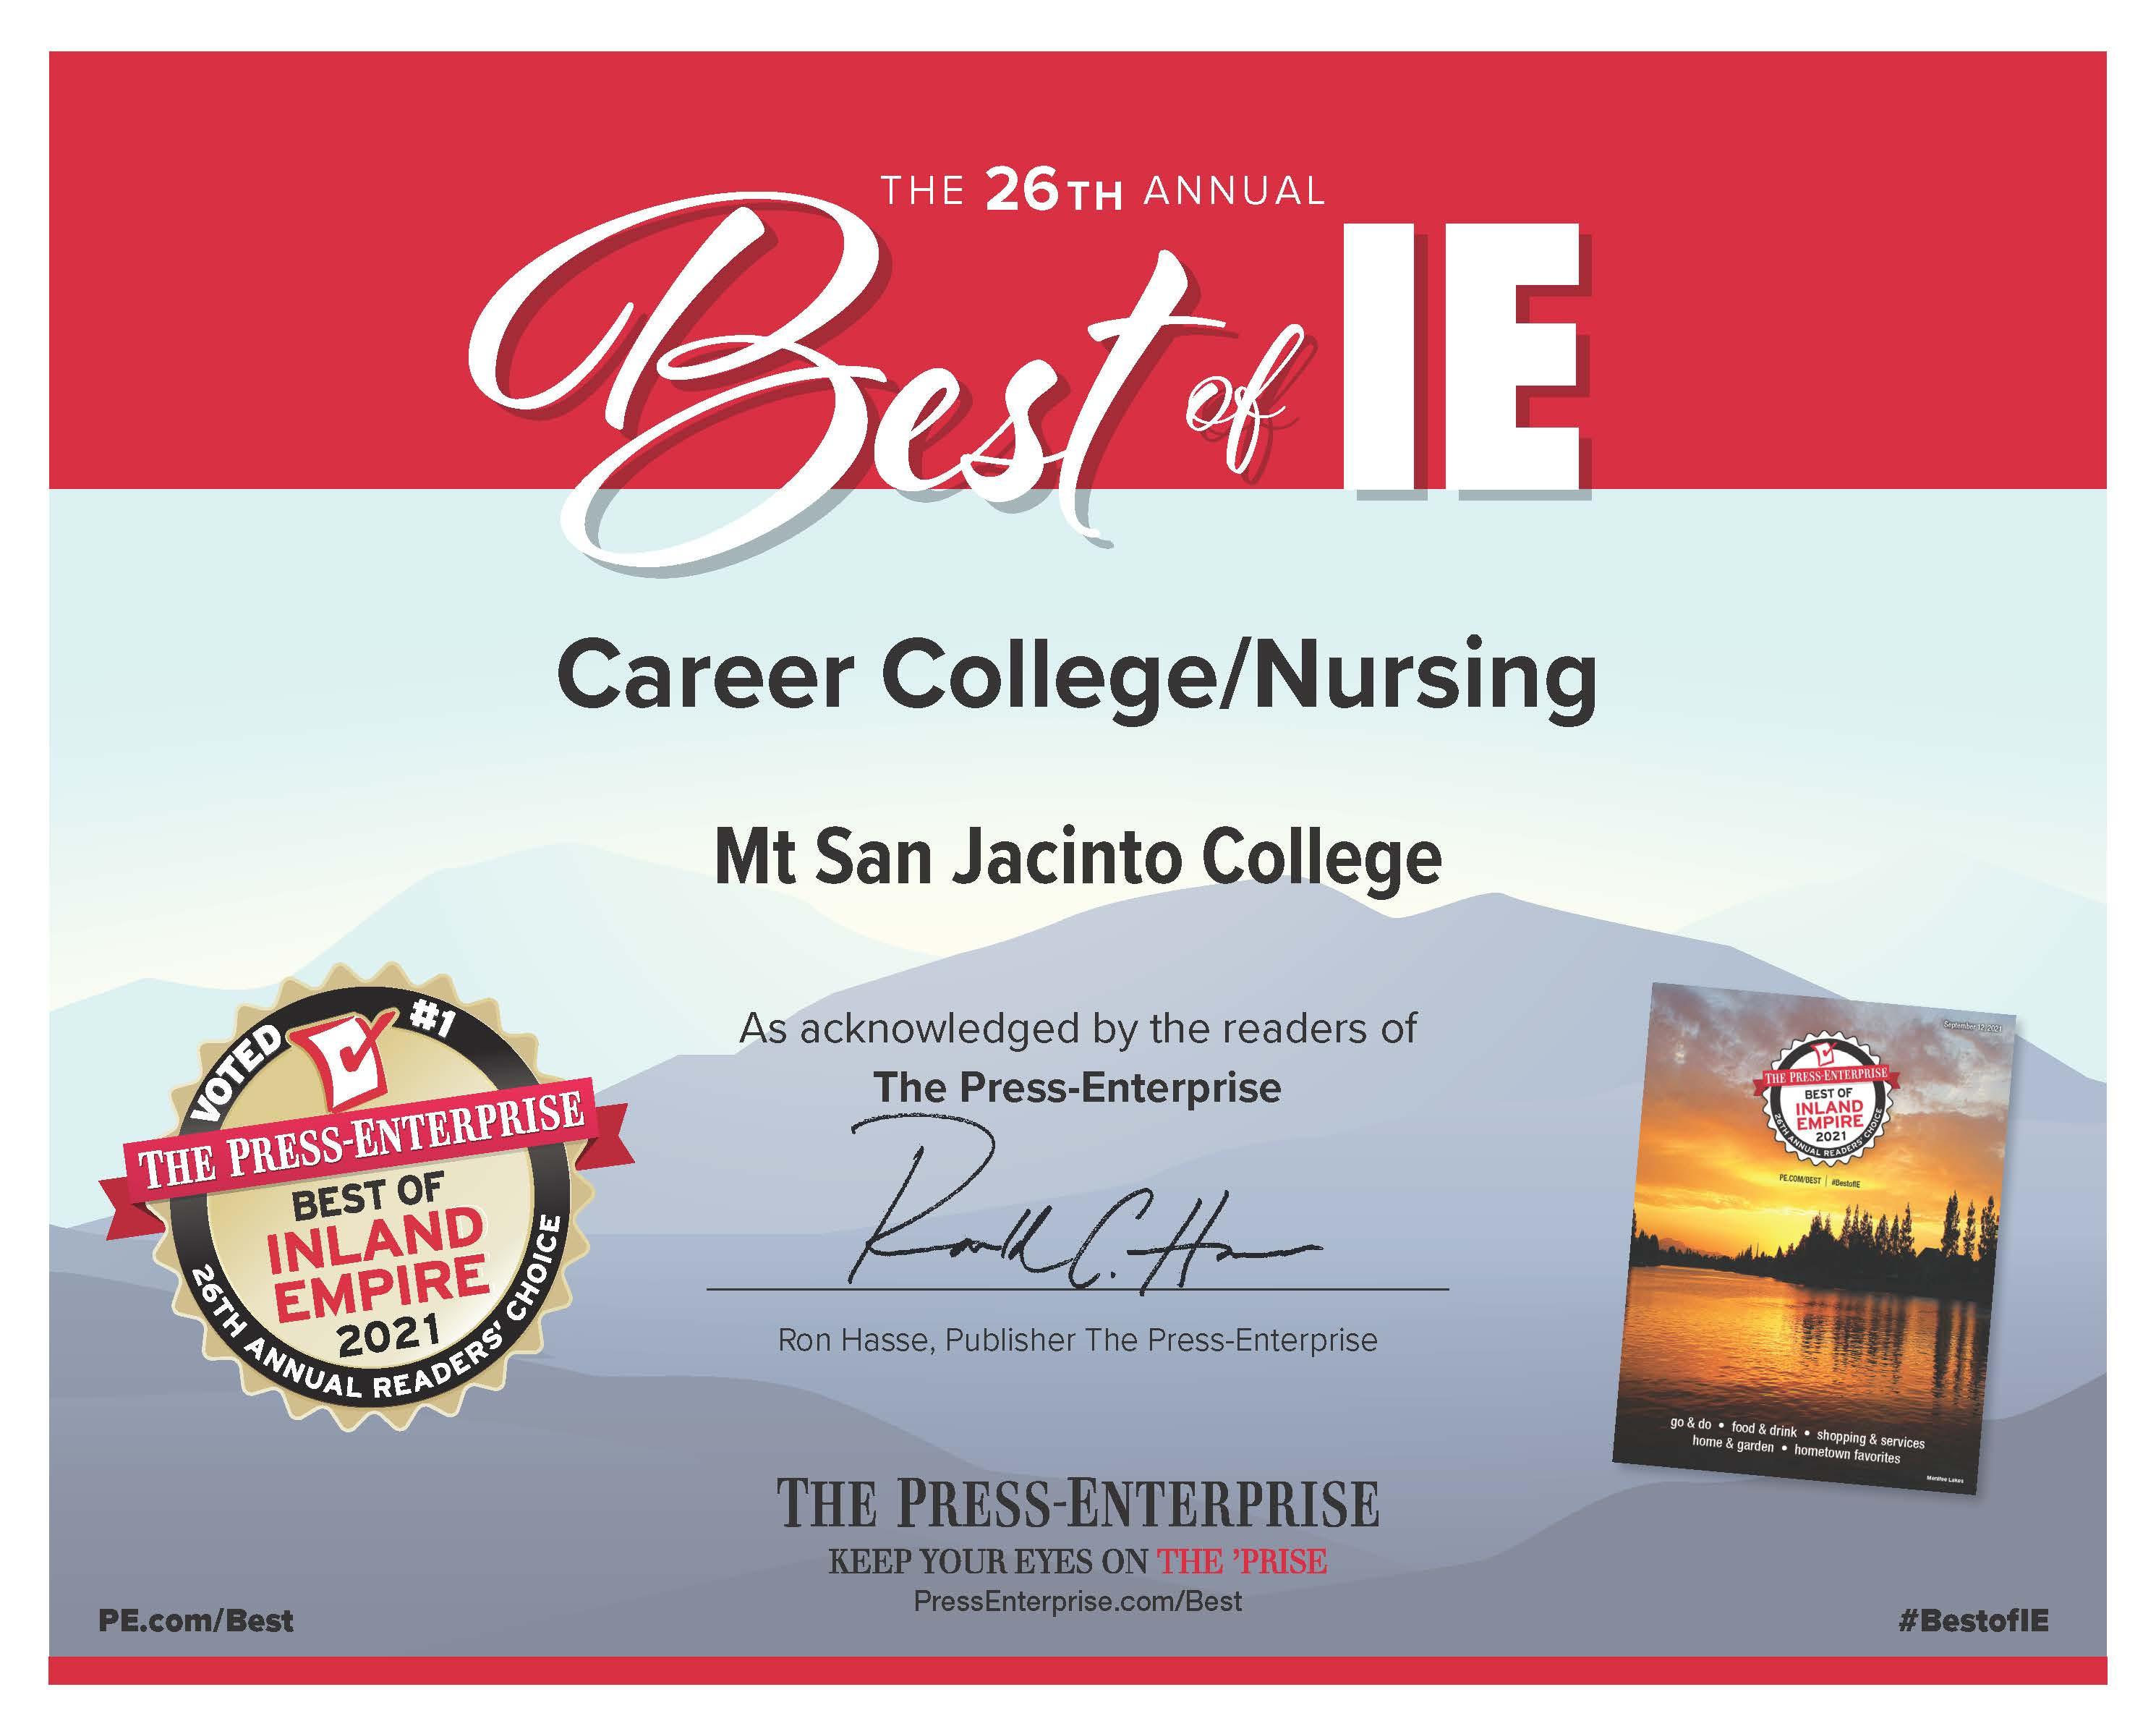 MSJC's Nursing Program Named #1 in the Inland Empire